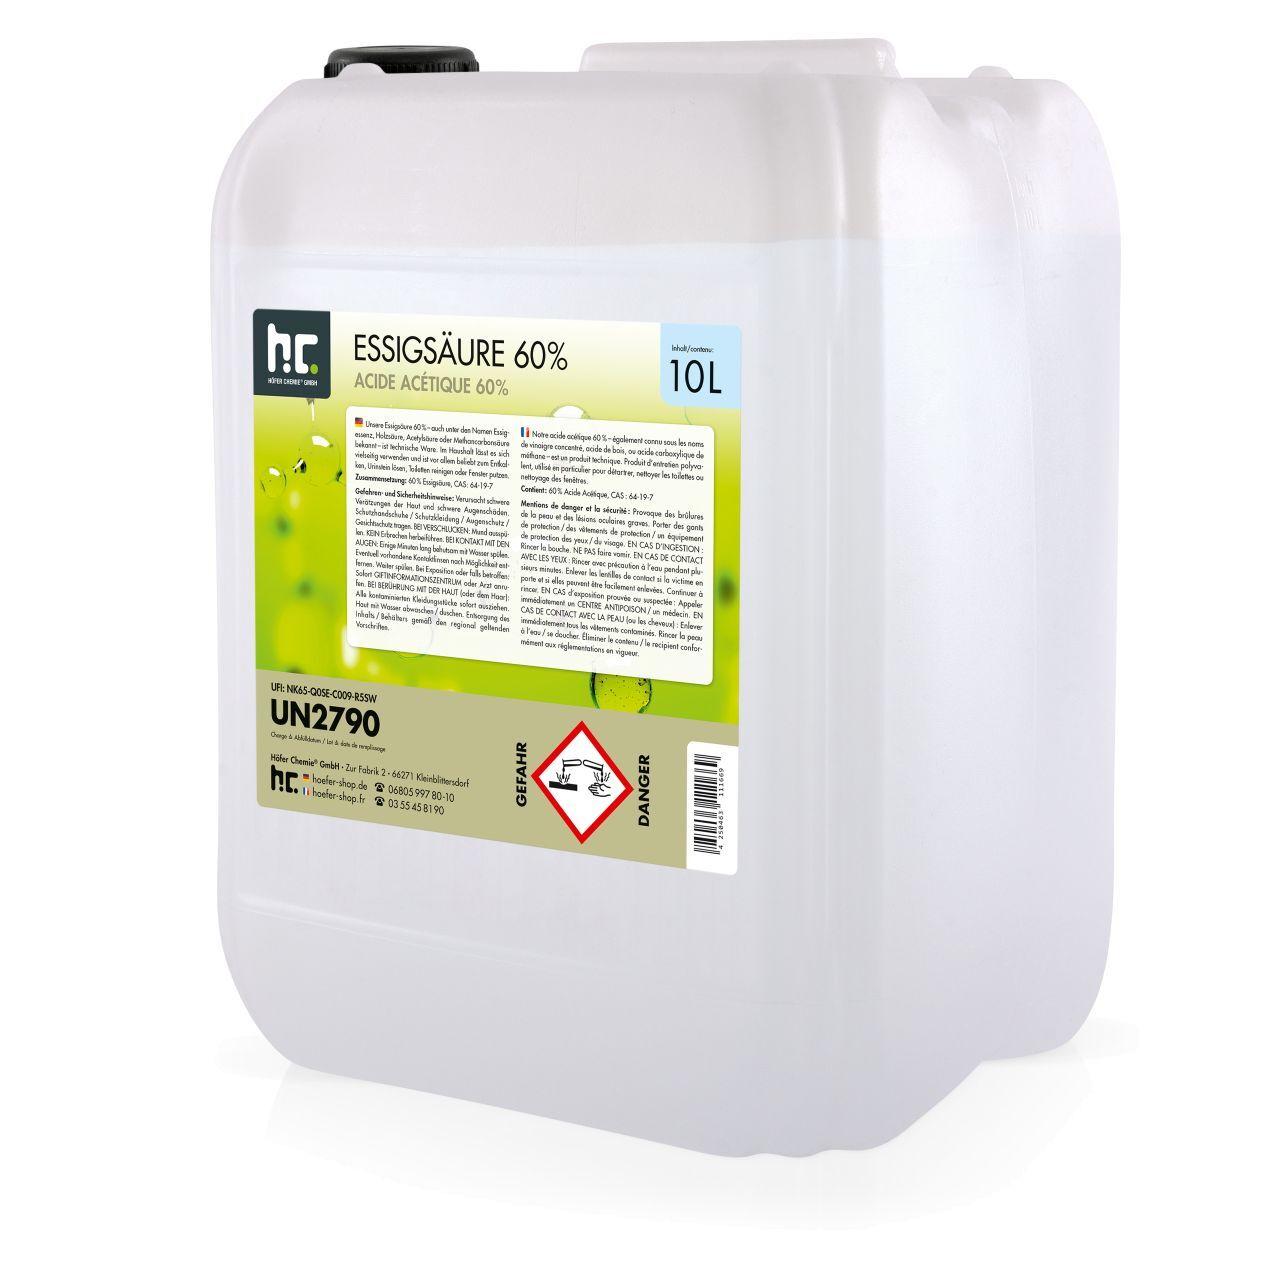 Höfer Chemie 40 l Acide Acétique 60% (4 x 10 l)